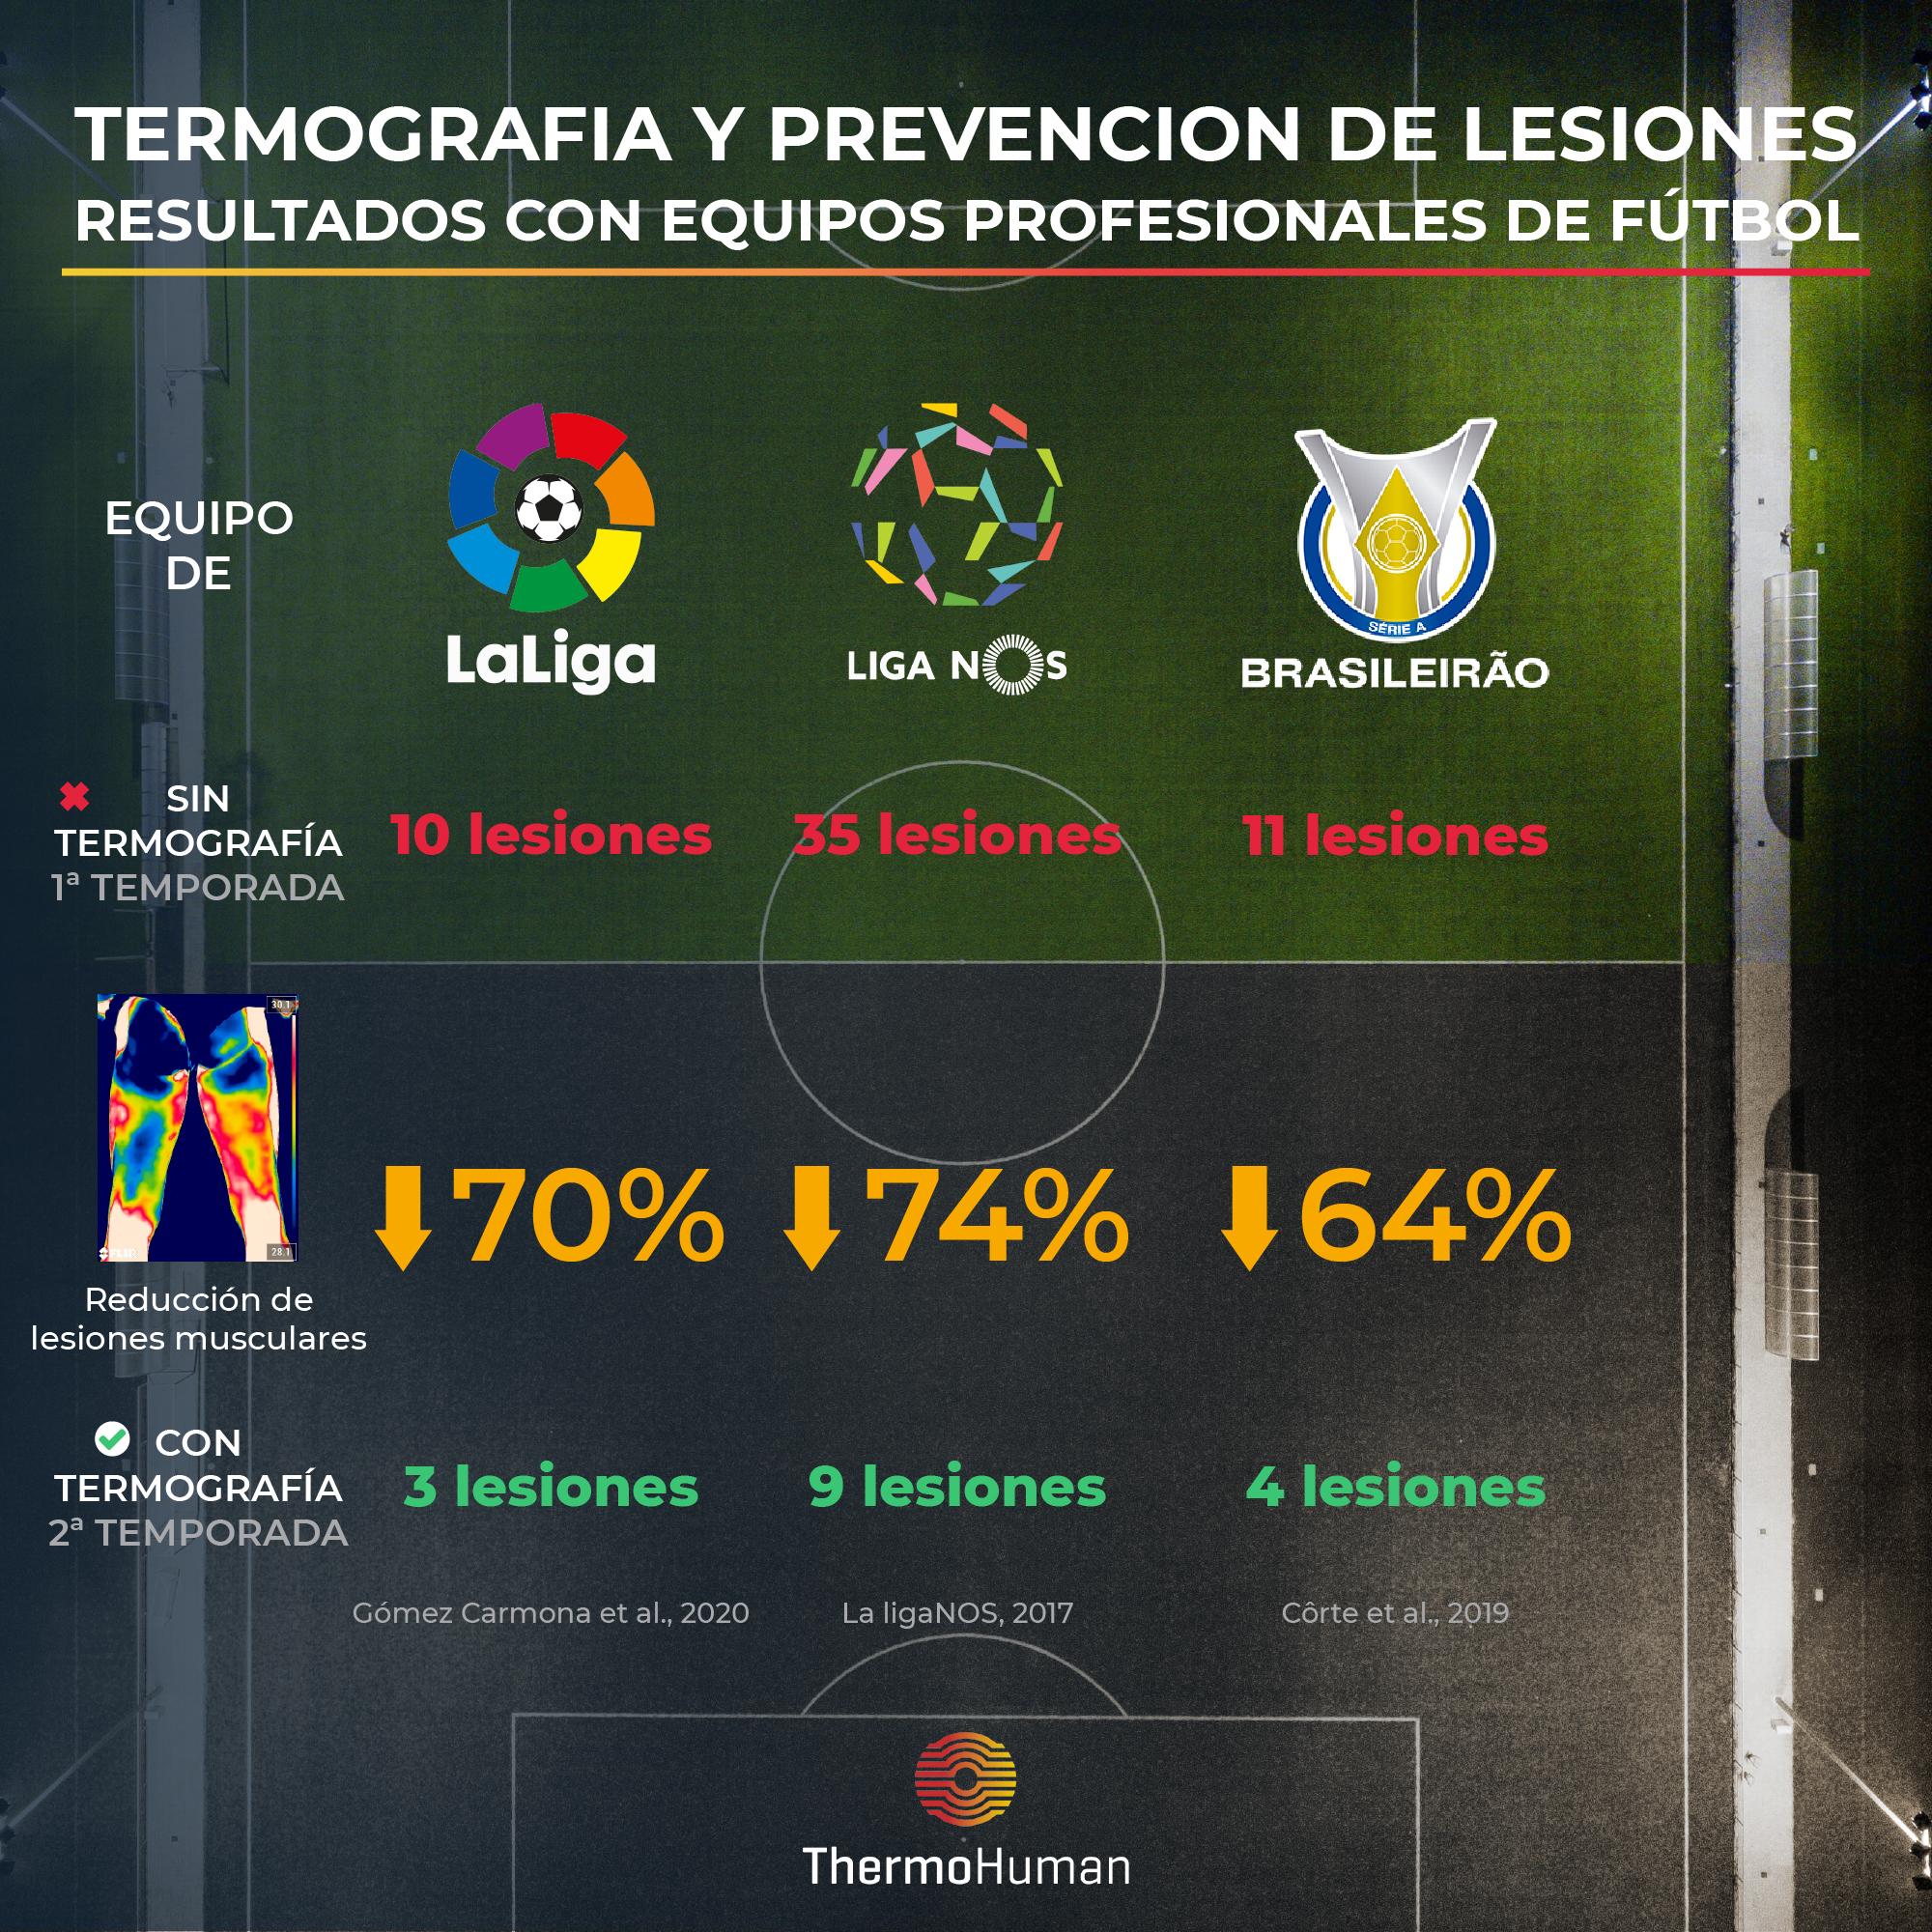 Resultados de reducción de lesiones usando termografía en equipos de fútbol profesionales